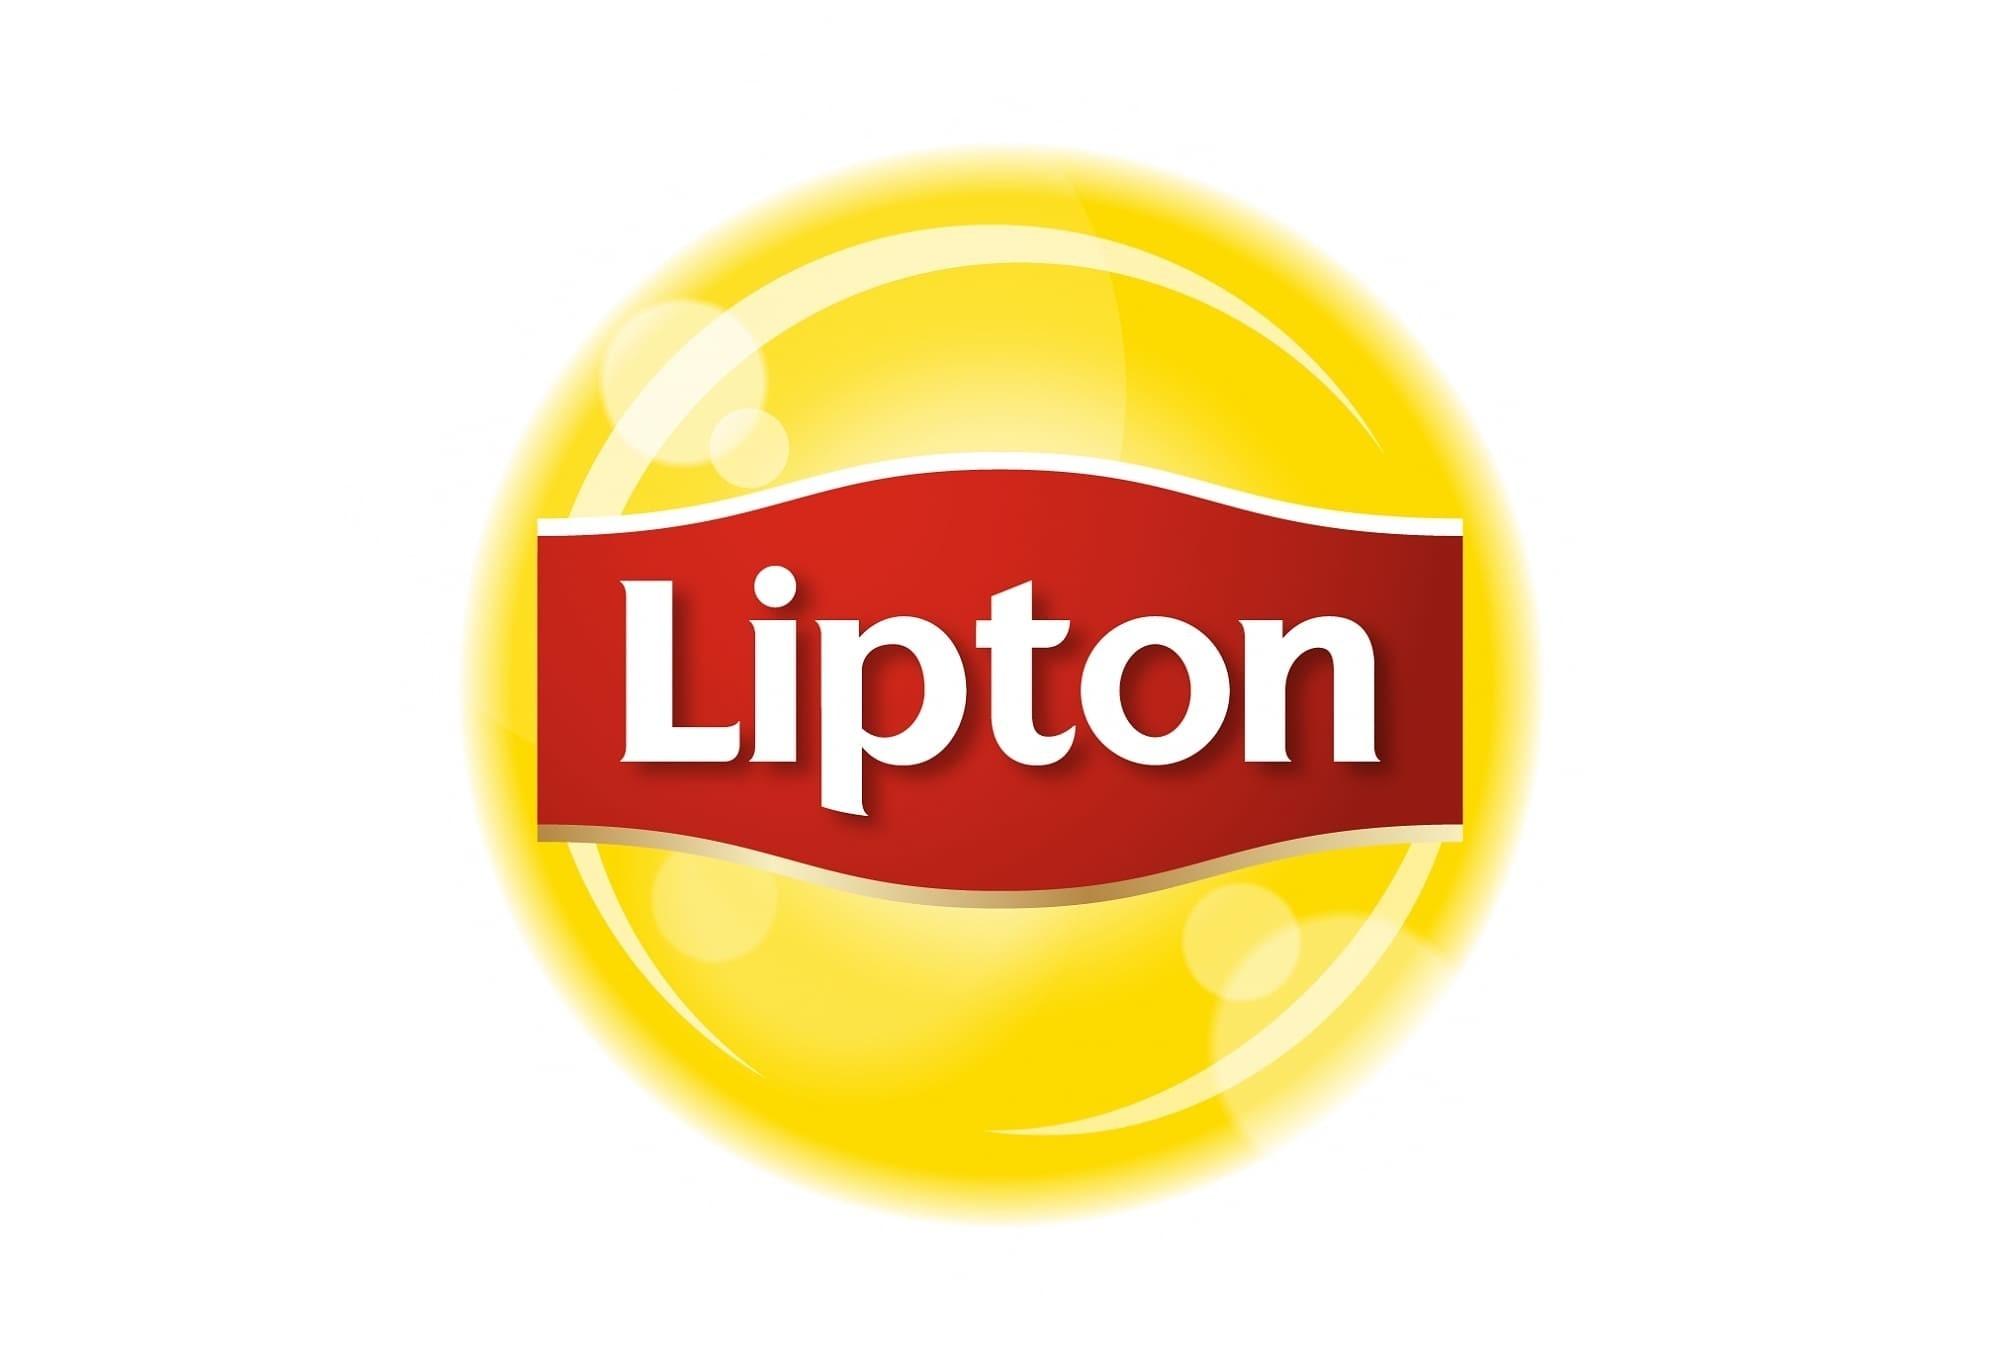 Lipton Soup, 51,/4,291 Cases, Ext. Retail $210,064, Edwardsville, IL